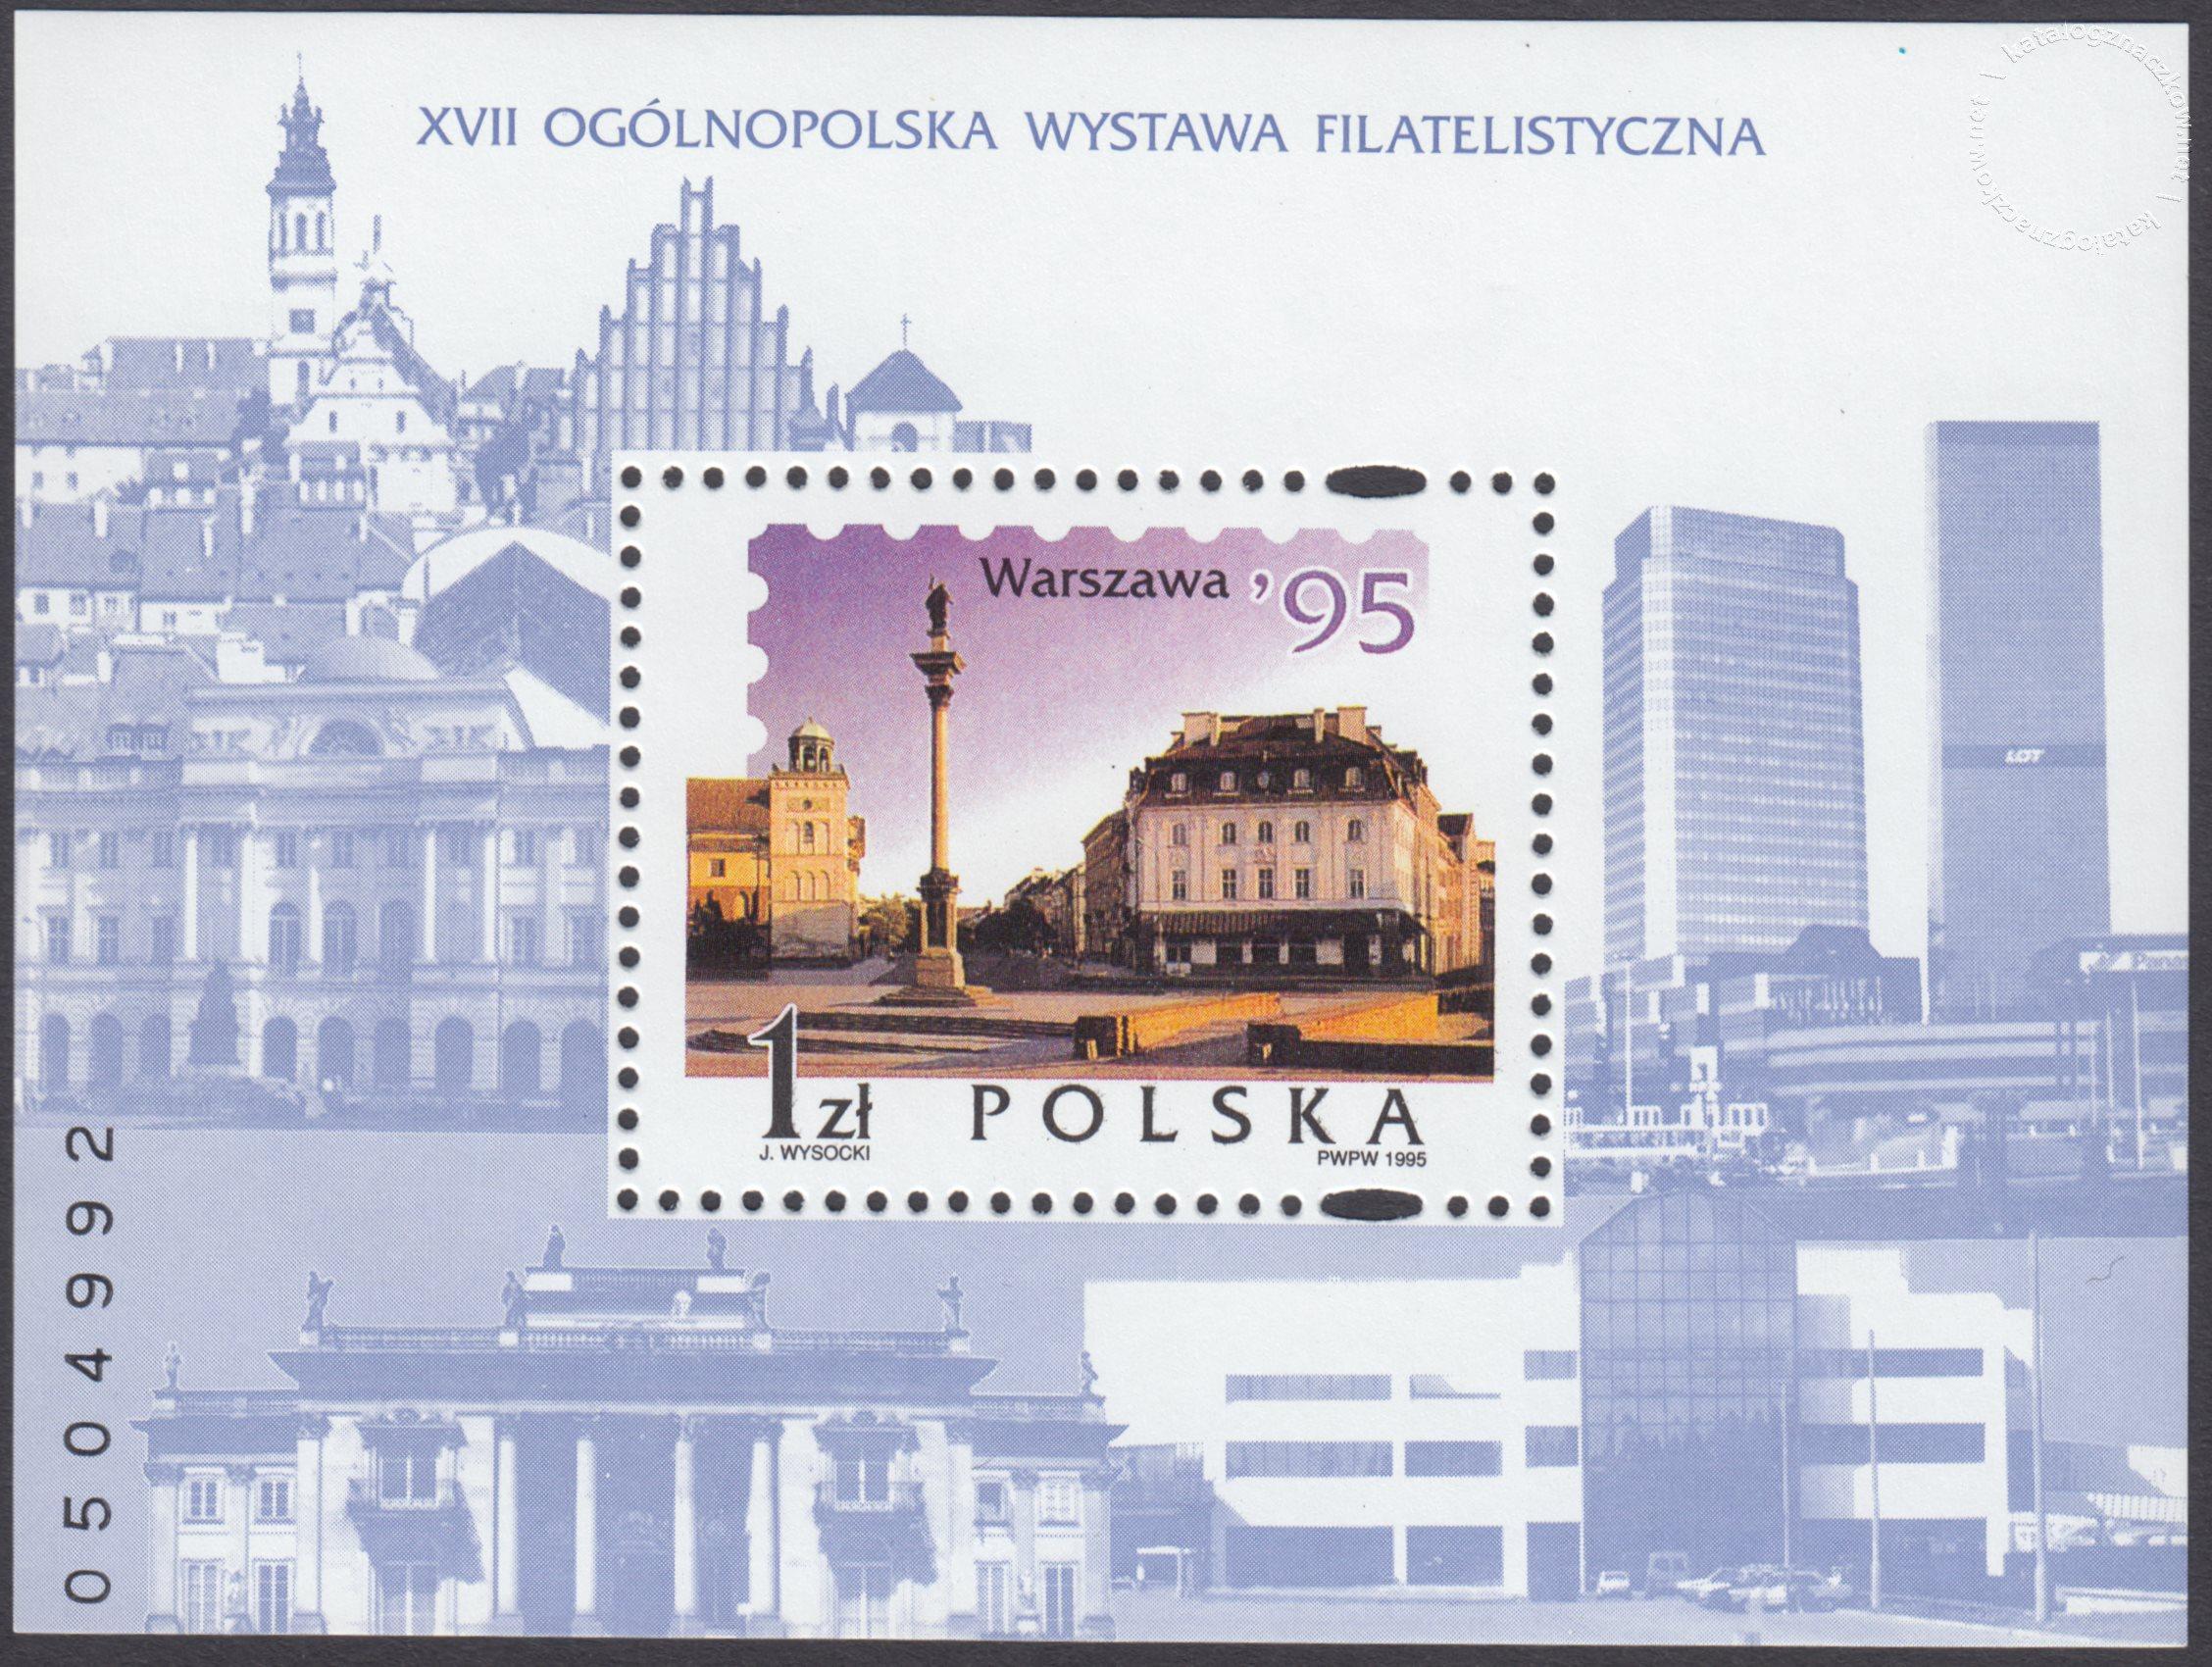 XVII Ogólnopolska Wystawa Filatelistyczna w Warszawie – Blok 113